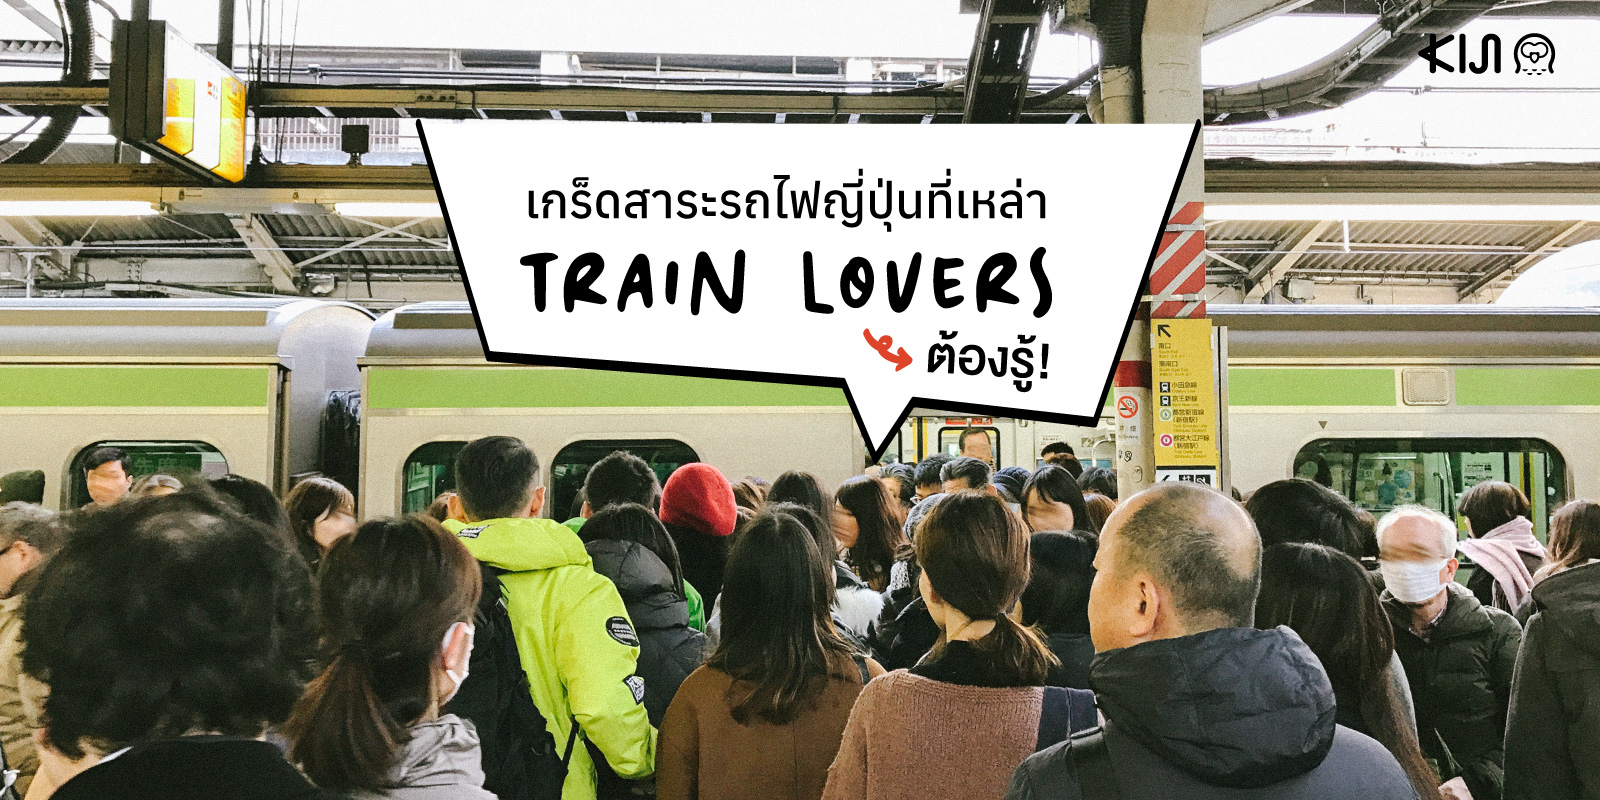 ความรู้เกี่ยวกับรถไฟในญี่ปุ่น